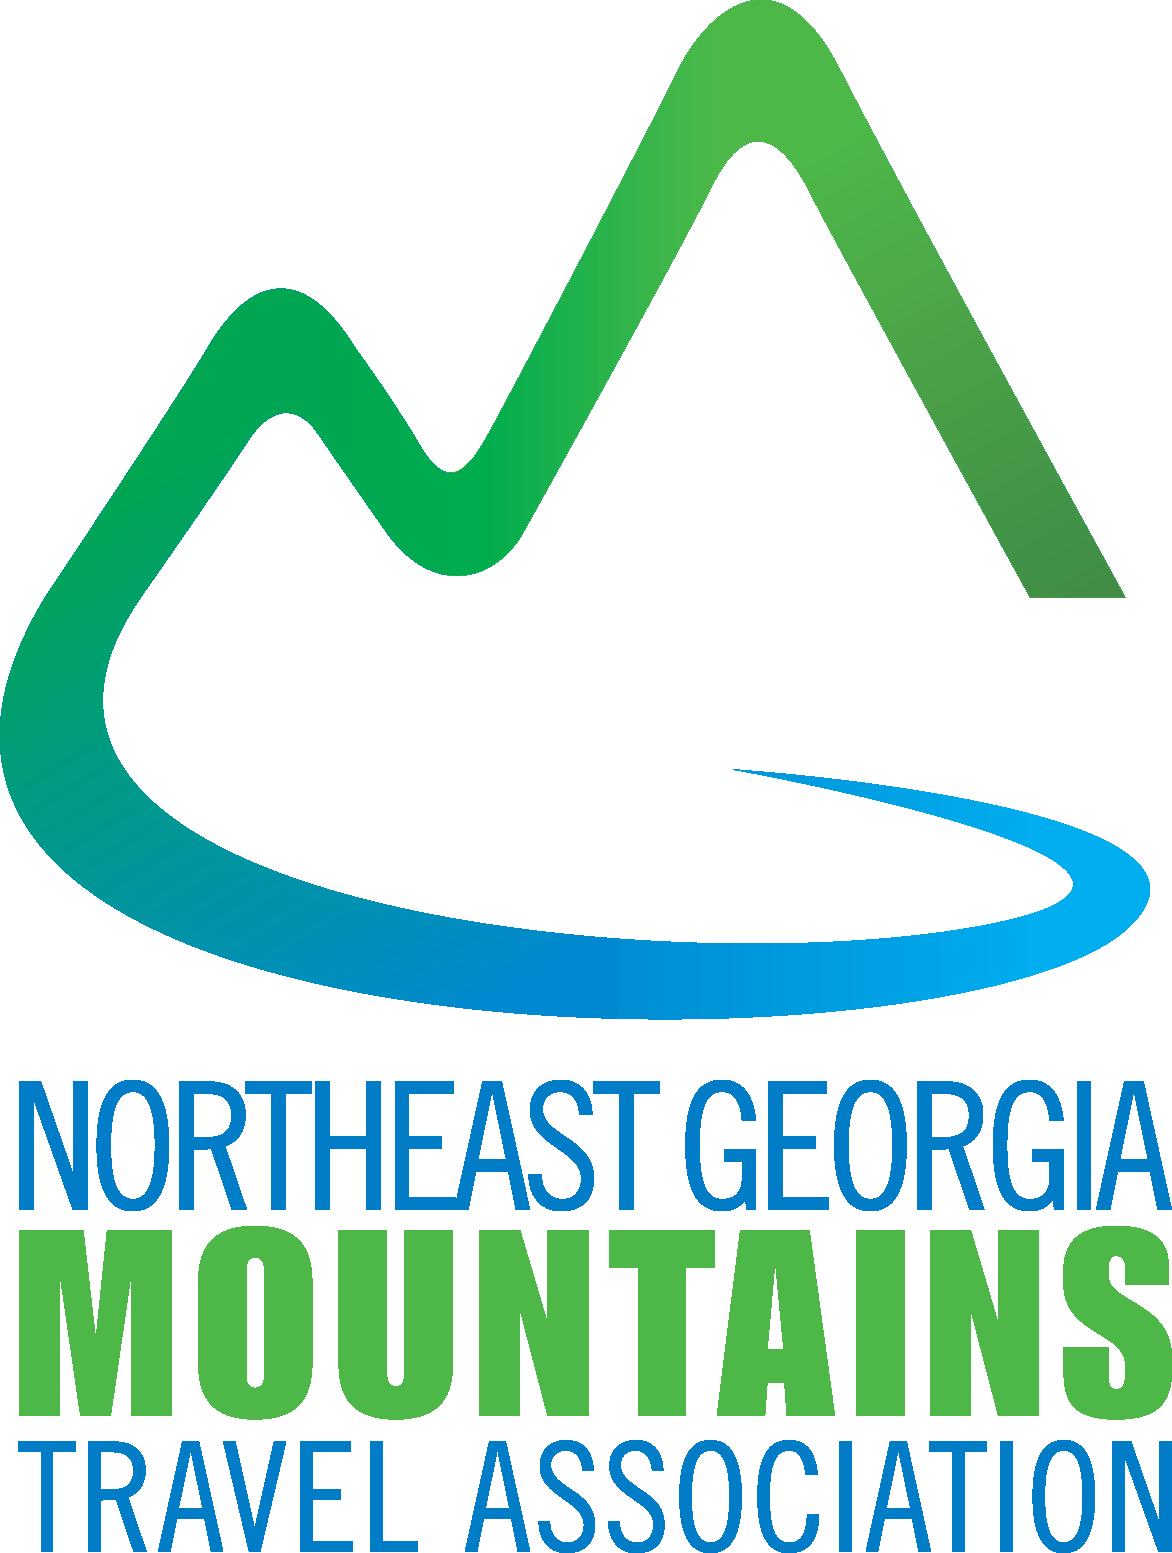 Northeast Georgia Mountains Travel Association